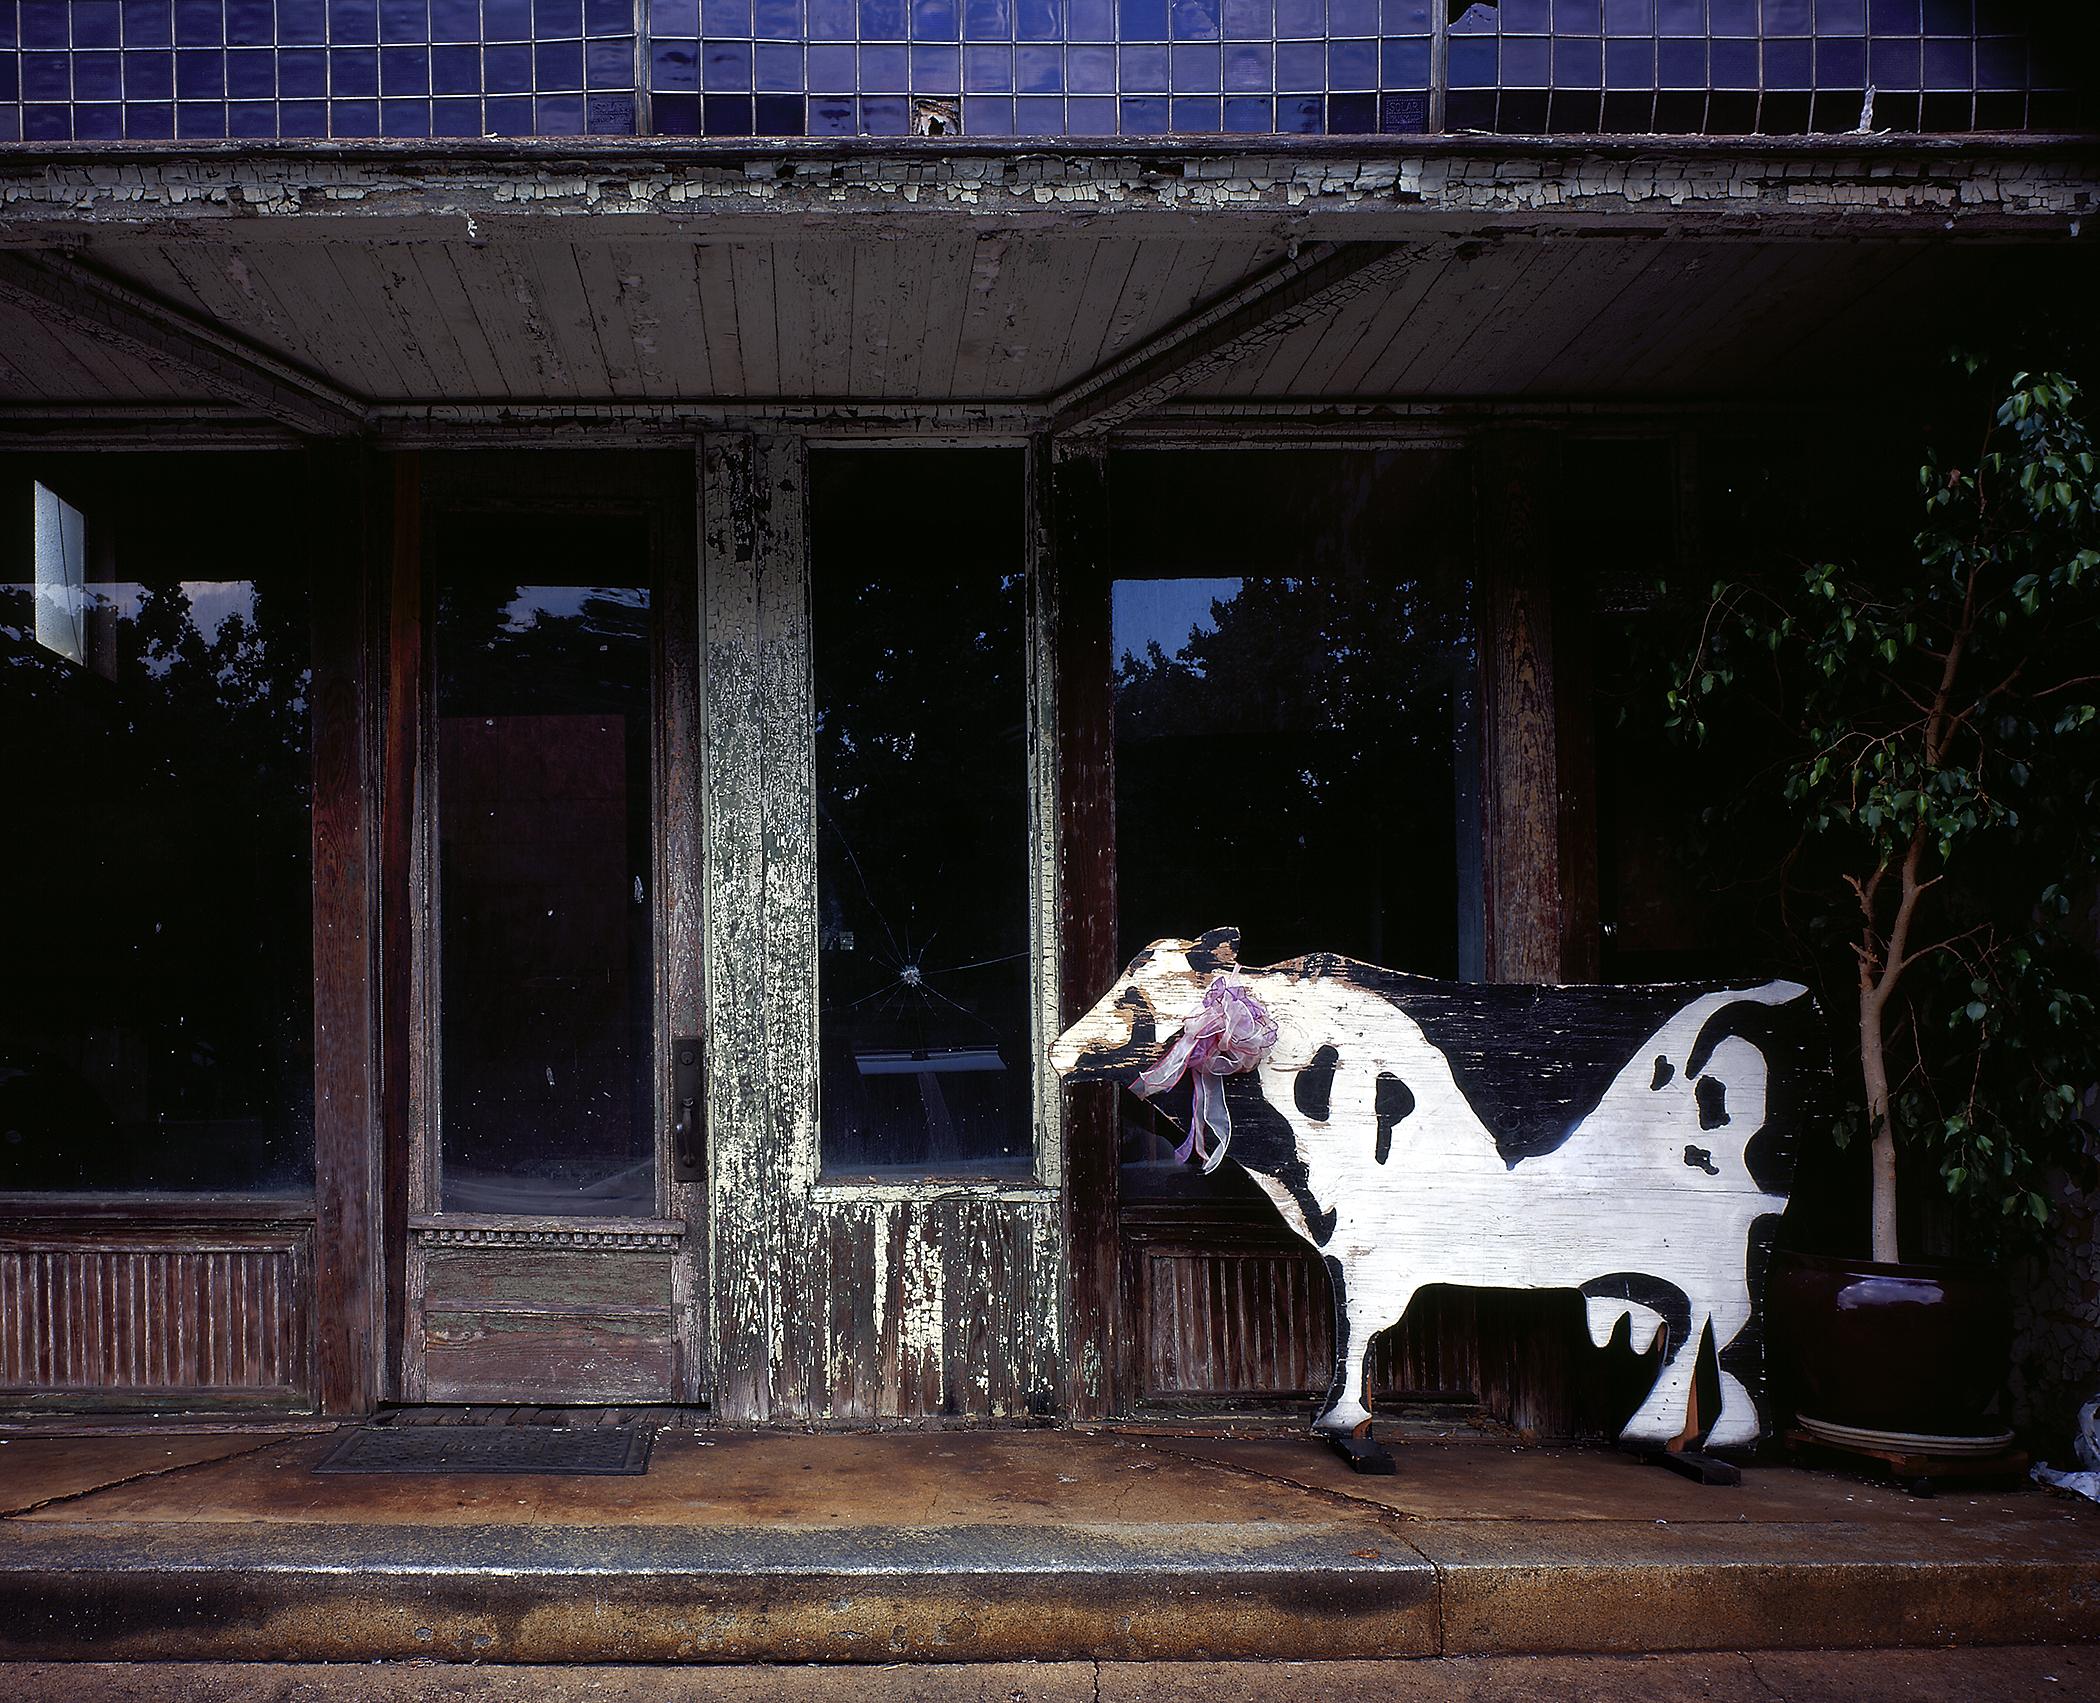 Cowpens, SC